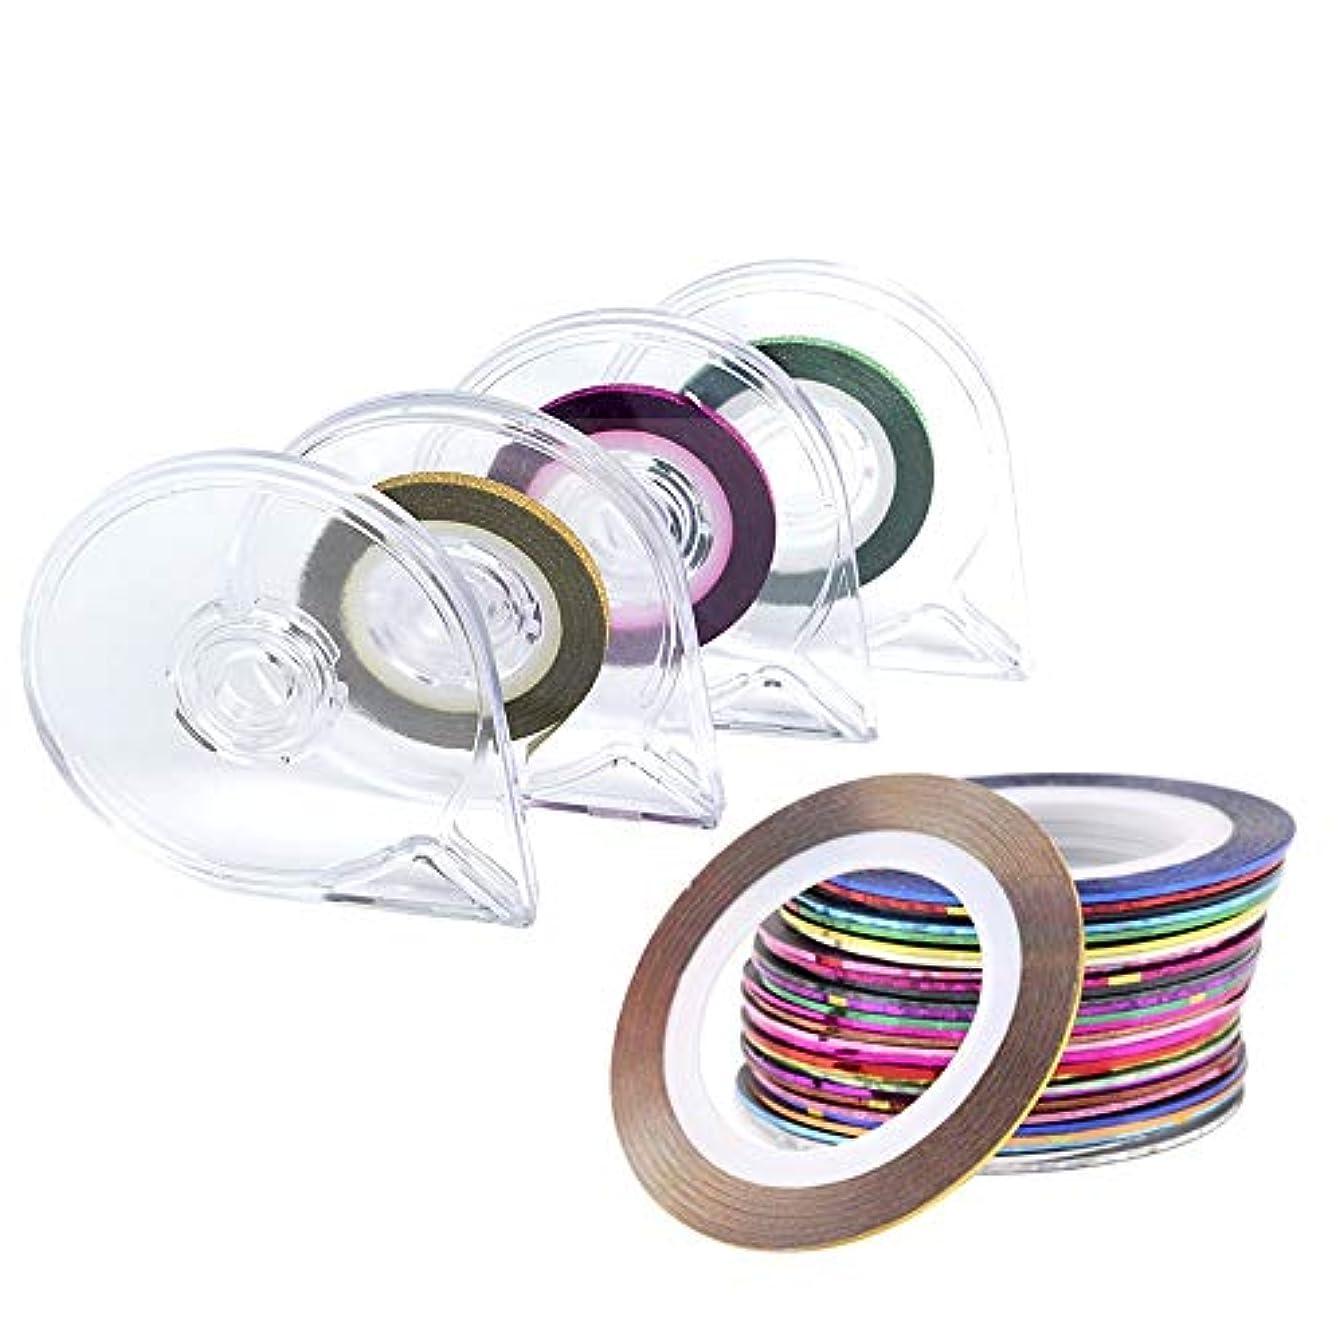 幅幻滅分析するラインテープネイルアート用 ラインテープ シート ジェルネイル用 マニキュア セット ジェルネイル アート用ラインテープ 専用ケース付き 30ピース (Color : Mixed Colour)